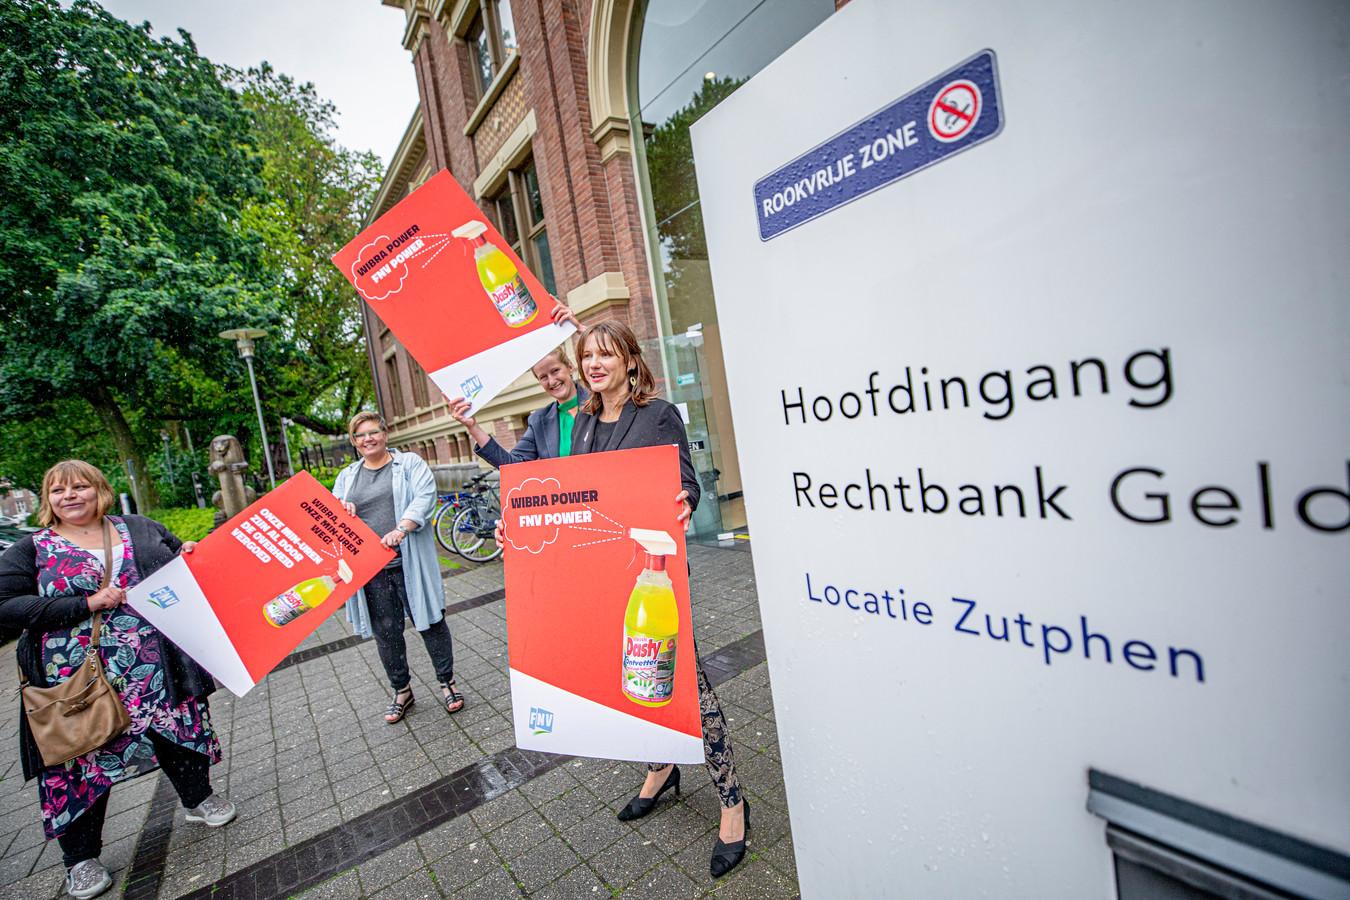 Twee weken geleden voor de rechtbank in Zutphen: FNV maakt zich op voor een kort geding tegen Wibra.